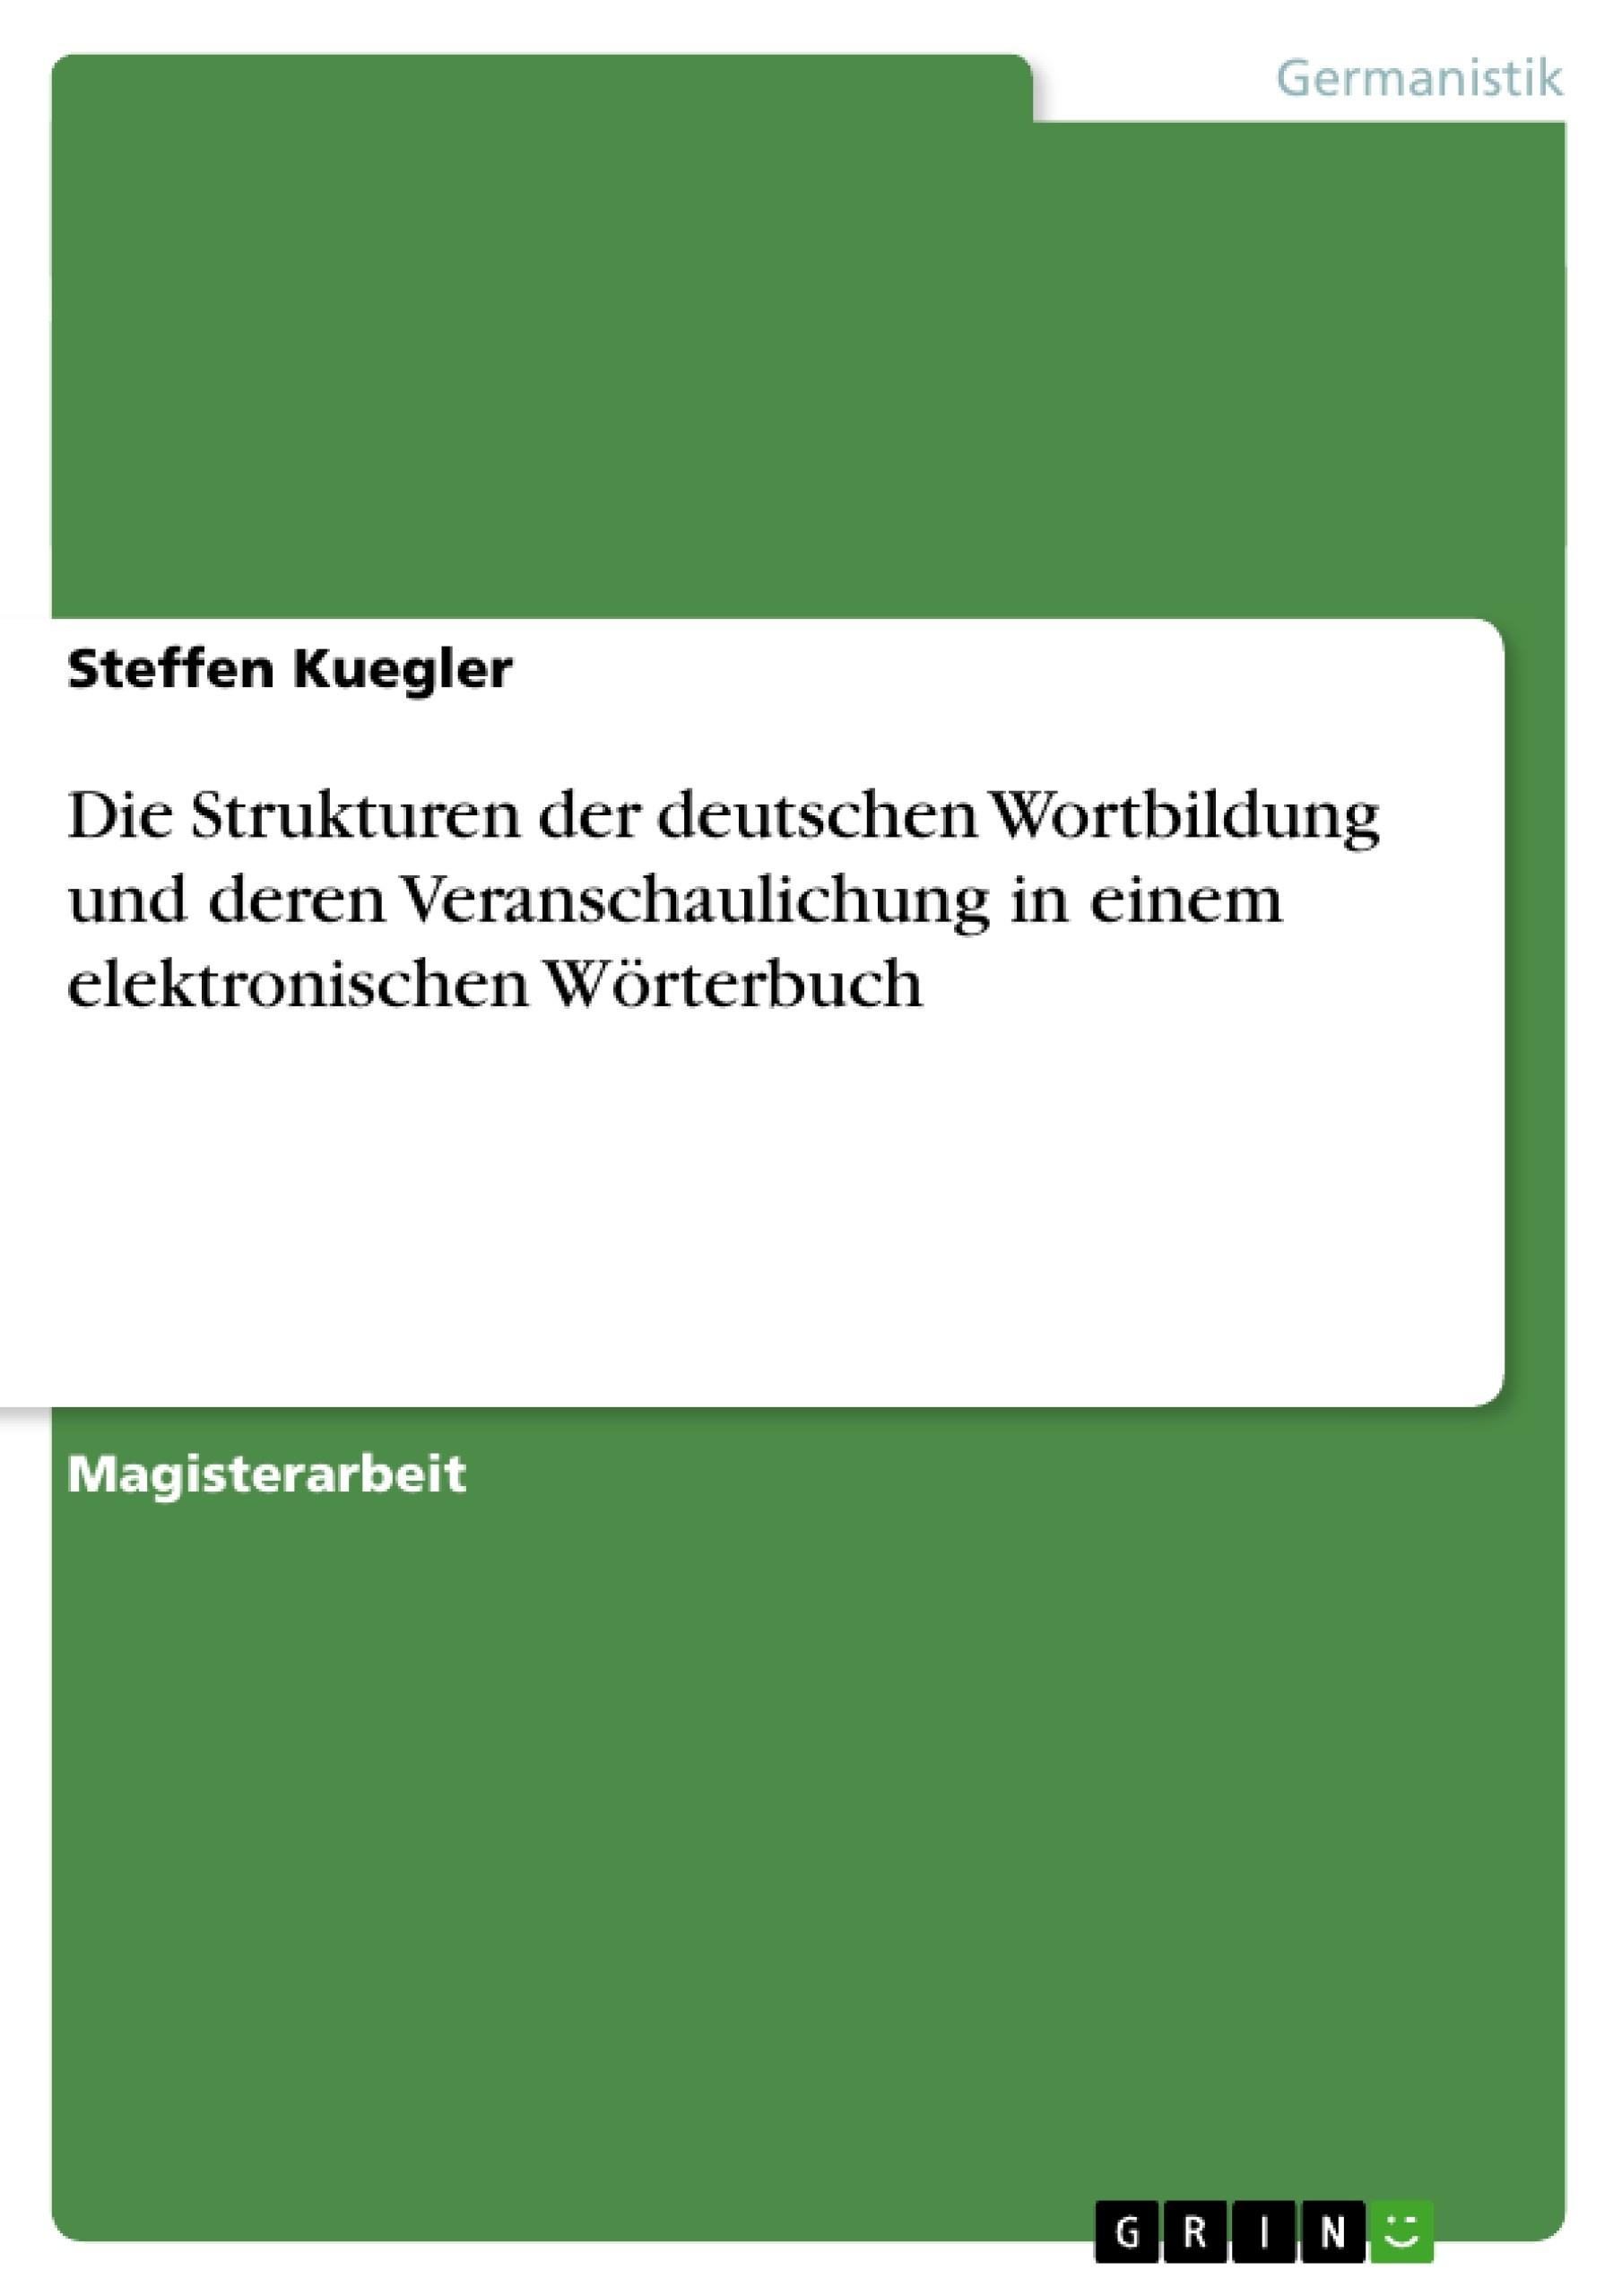 Titel: Die Strukturen der deutschen Wortbildung und deren Veranschaulichung in einem elektronischen Wörterbuch